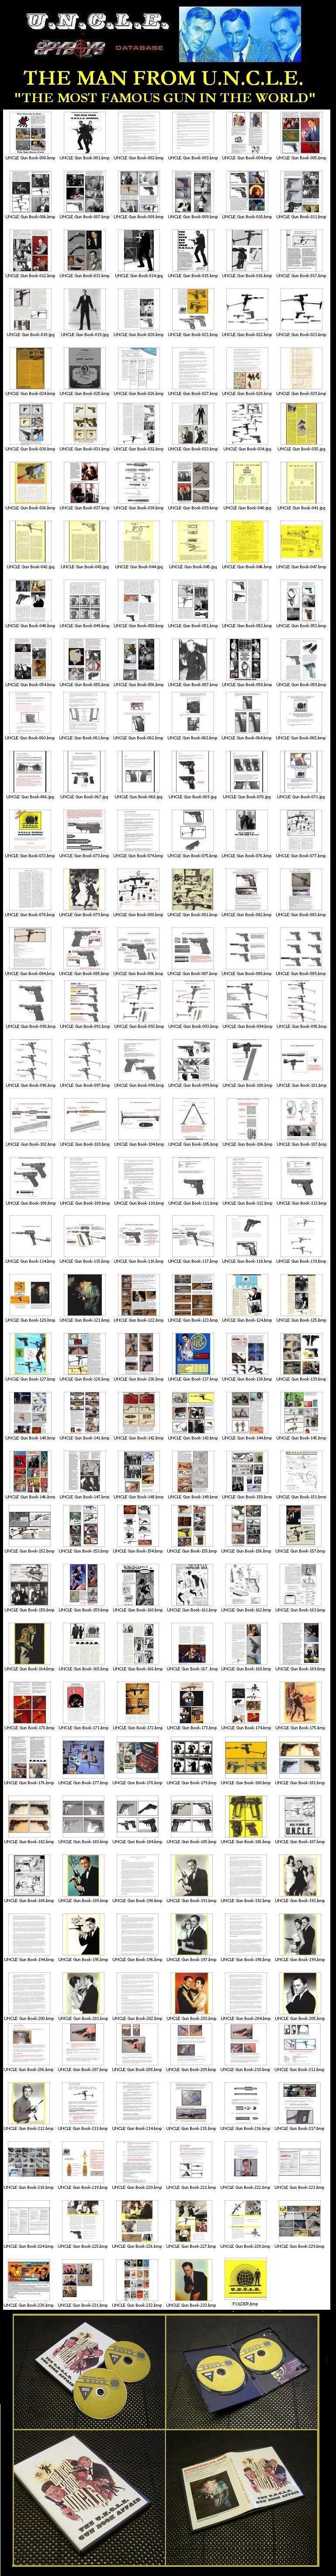 UNCLE_Gun Book on CD (0).jpg